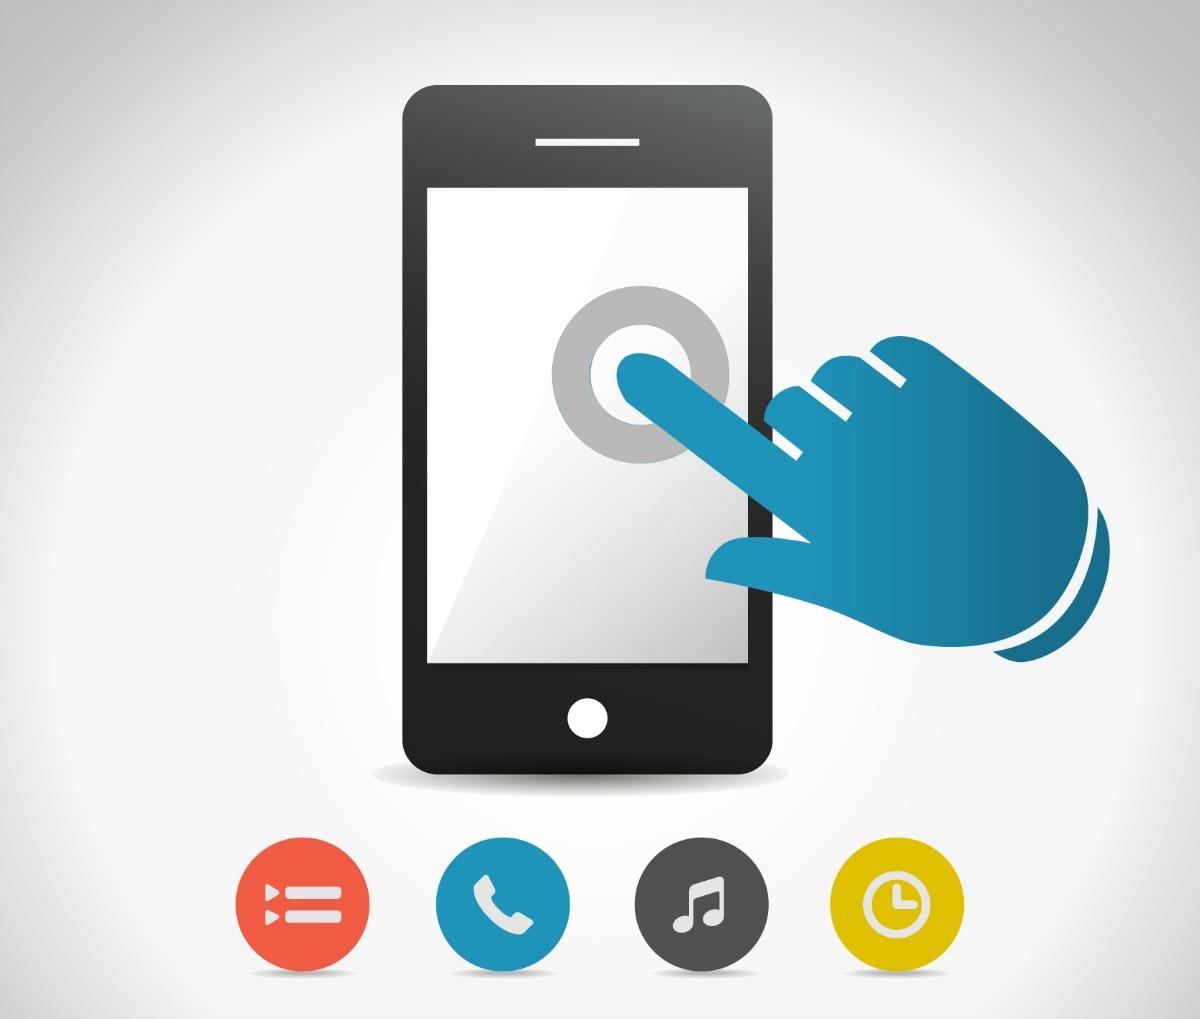 スマホアプリが顧客エンゲージメントに役立つ